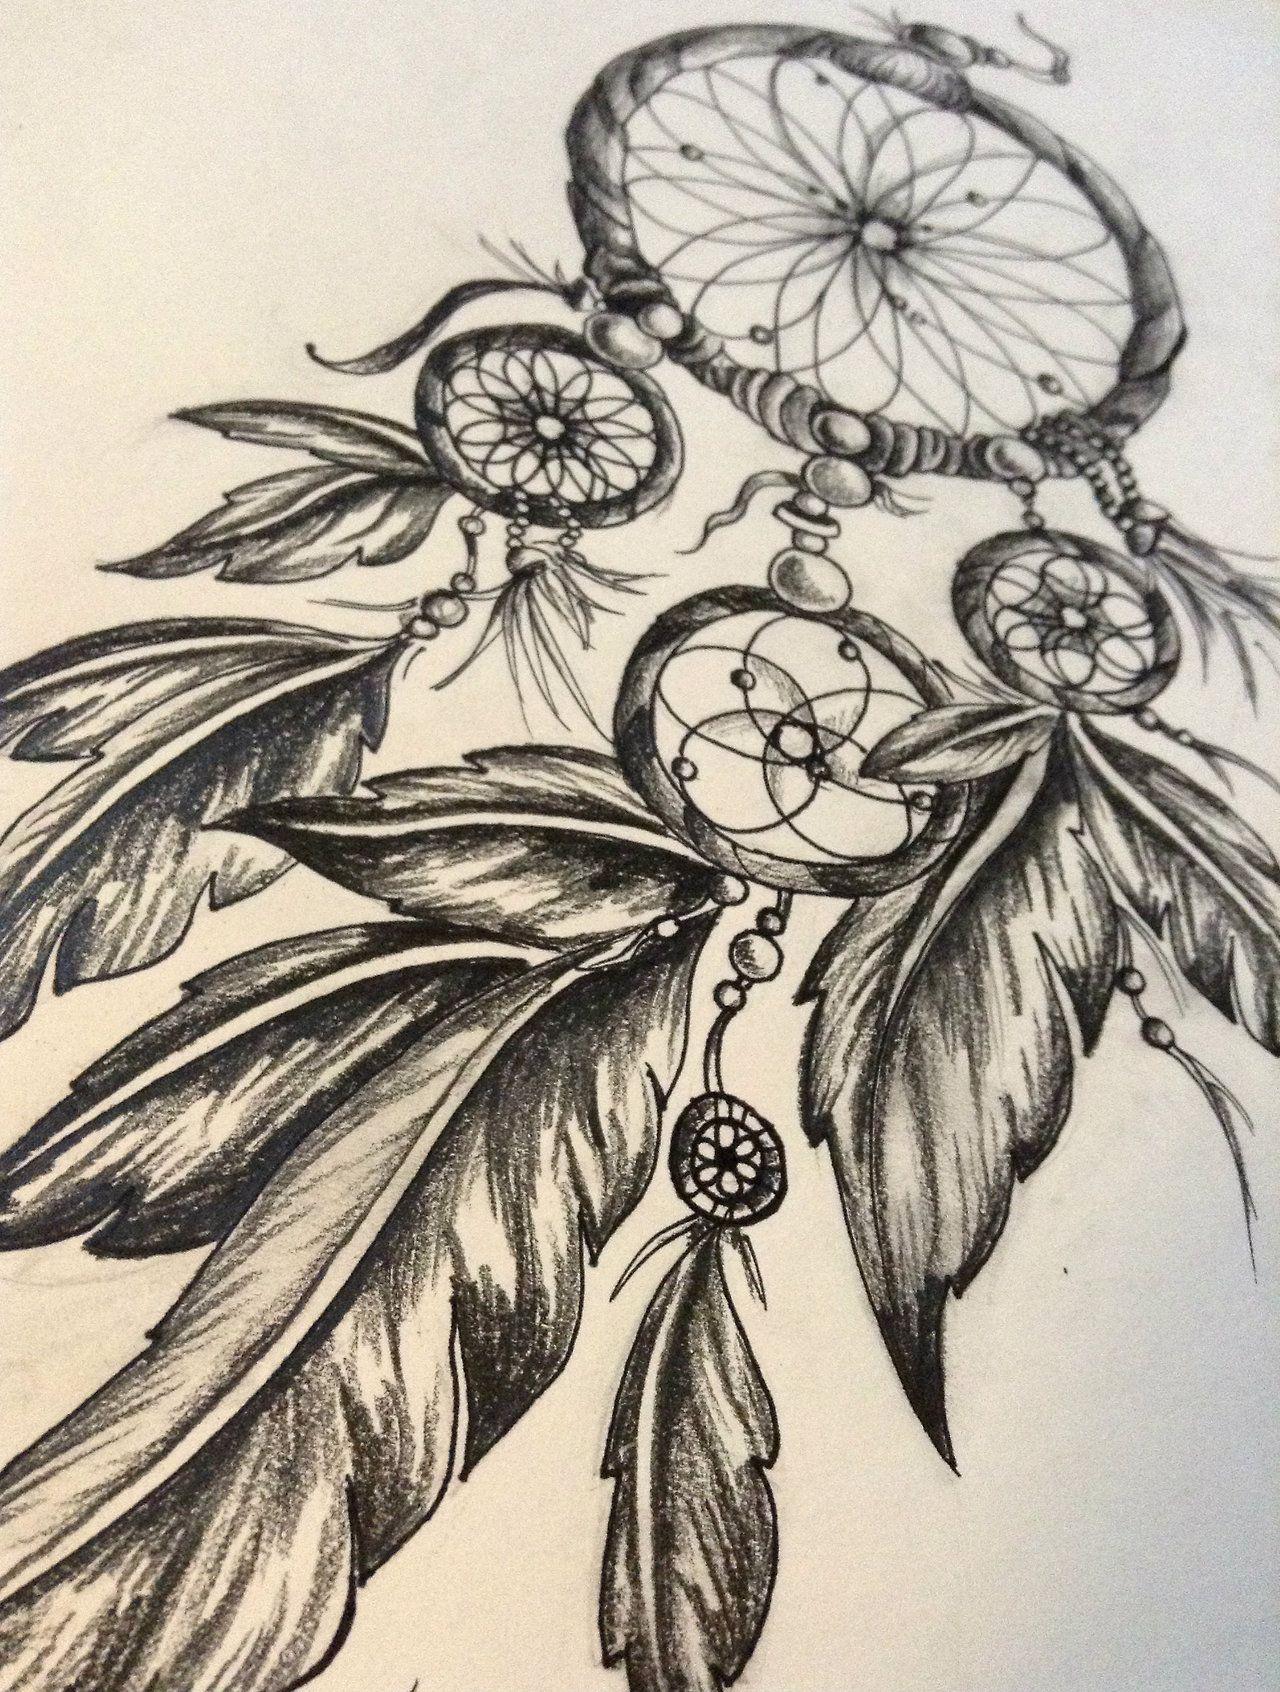 1280x1692 Boho, Bohemian, Gypsy, Hippie, Style, Art, Dream Catcher, Feathers